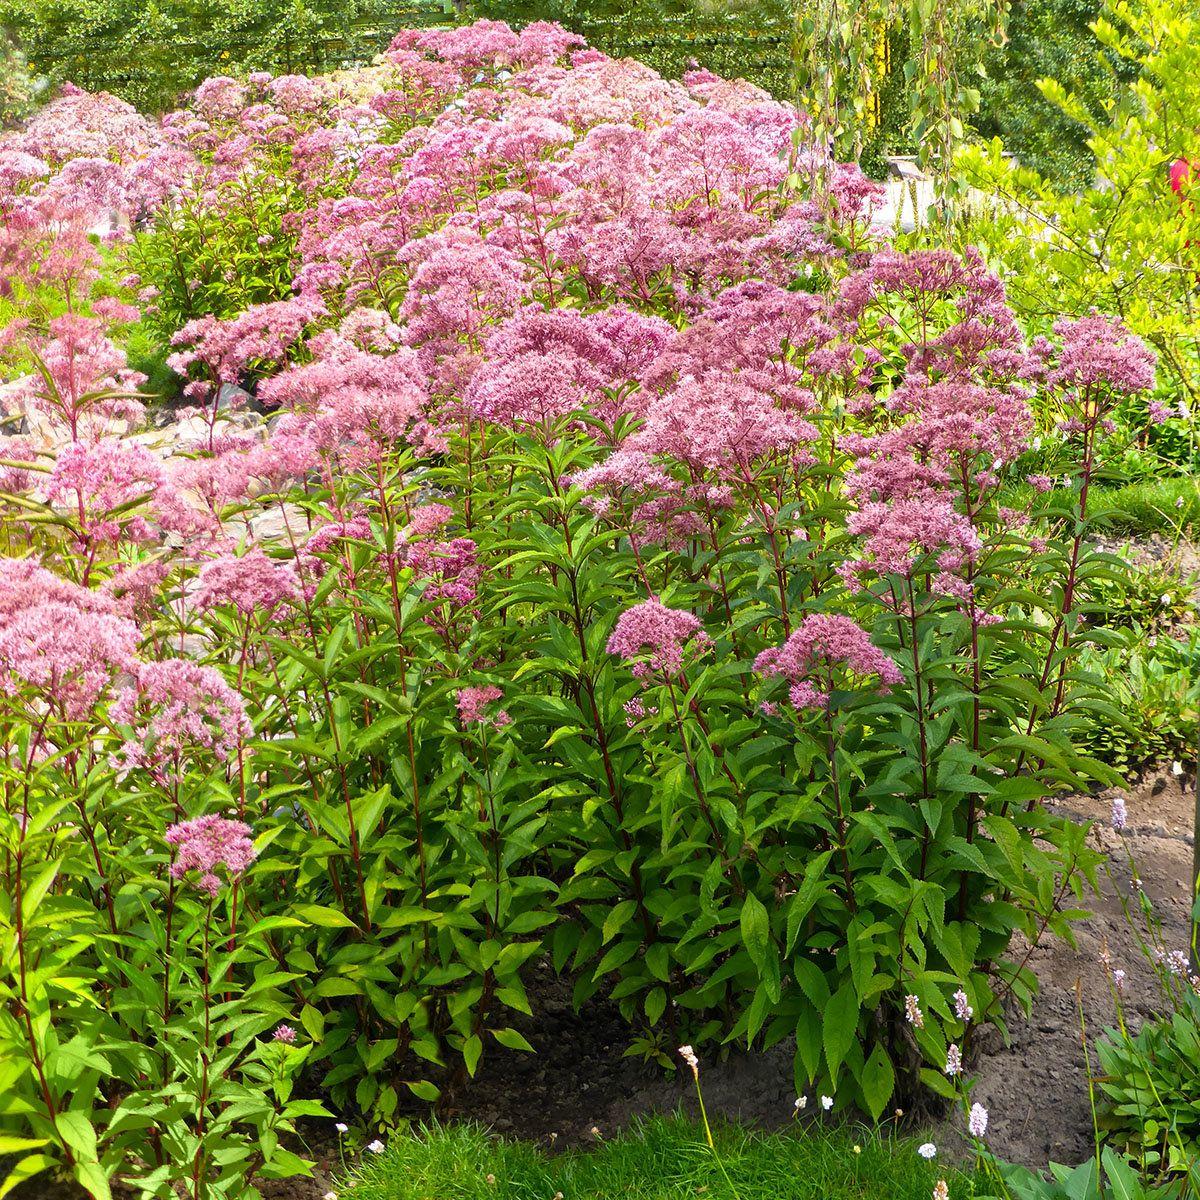 riesen wasserdost 2 pflanzen b ume pinterest garten pflanzen und moos pflanzen. Black Bedroom Furniture Sets. Home Design Ideas